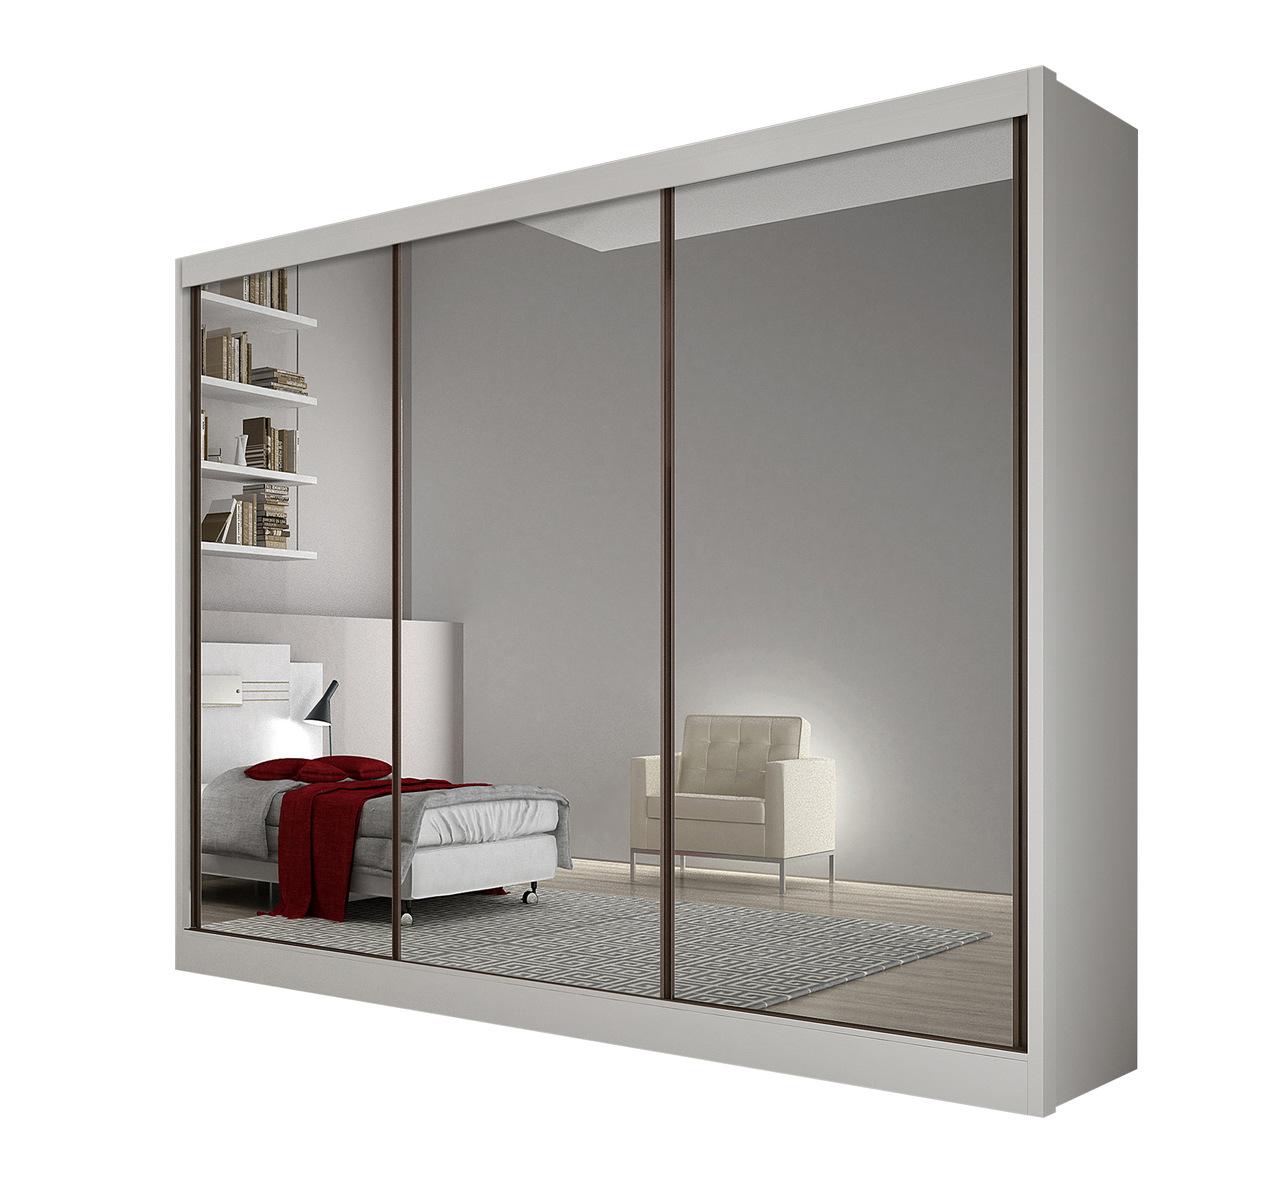 GuarRoupa Casal com 3 Portas Espelhadas e 6 Gavetas Diamond Novo Horizonte